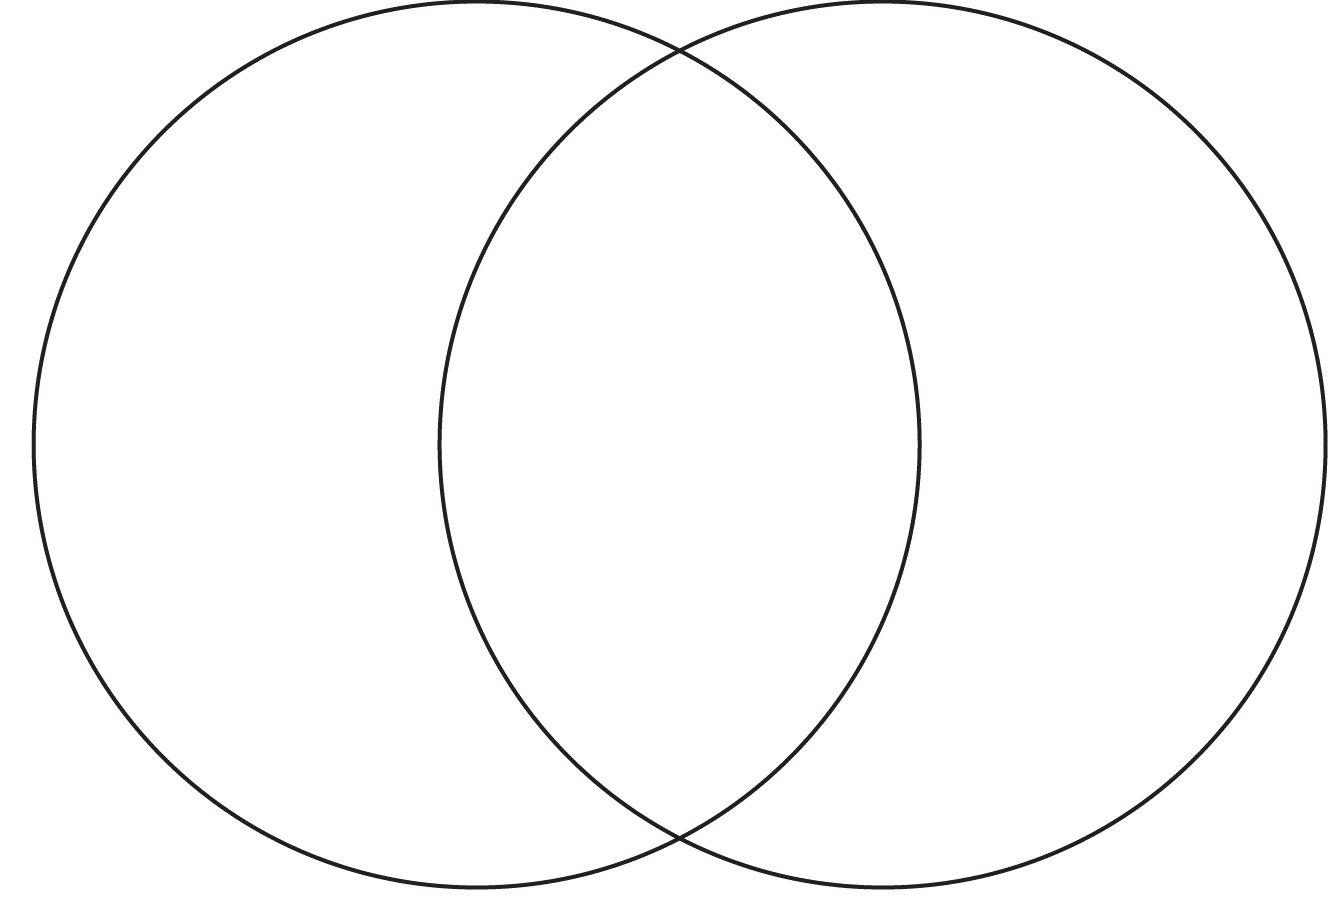 3 Circle Venn Diagram Questions